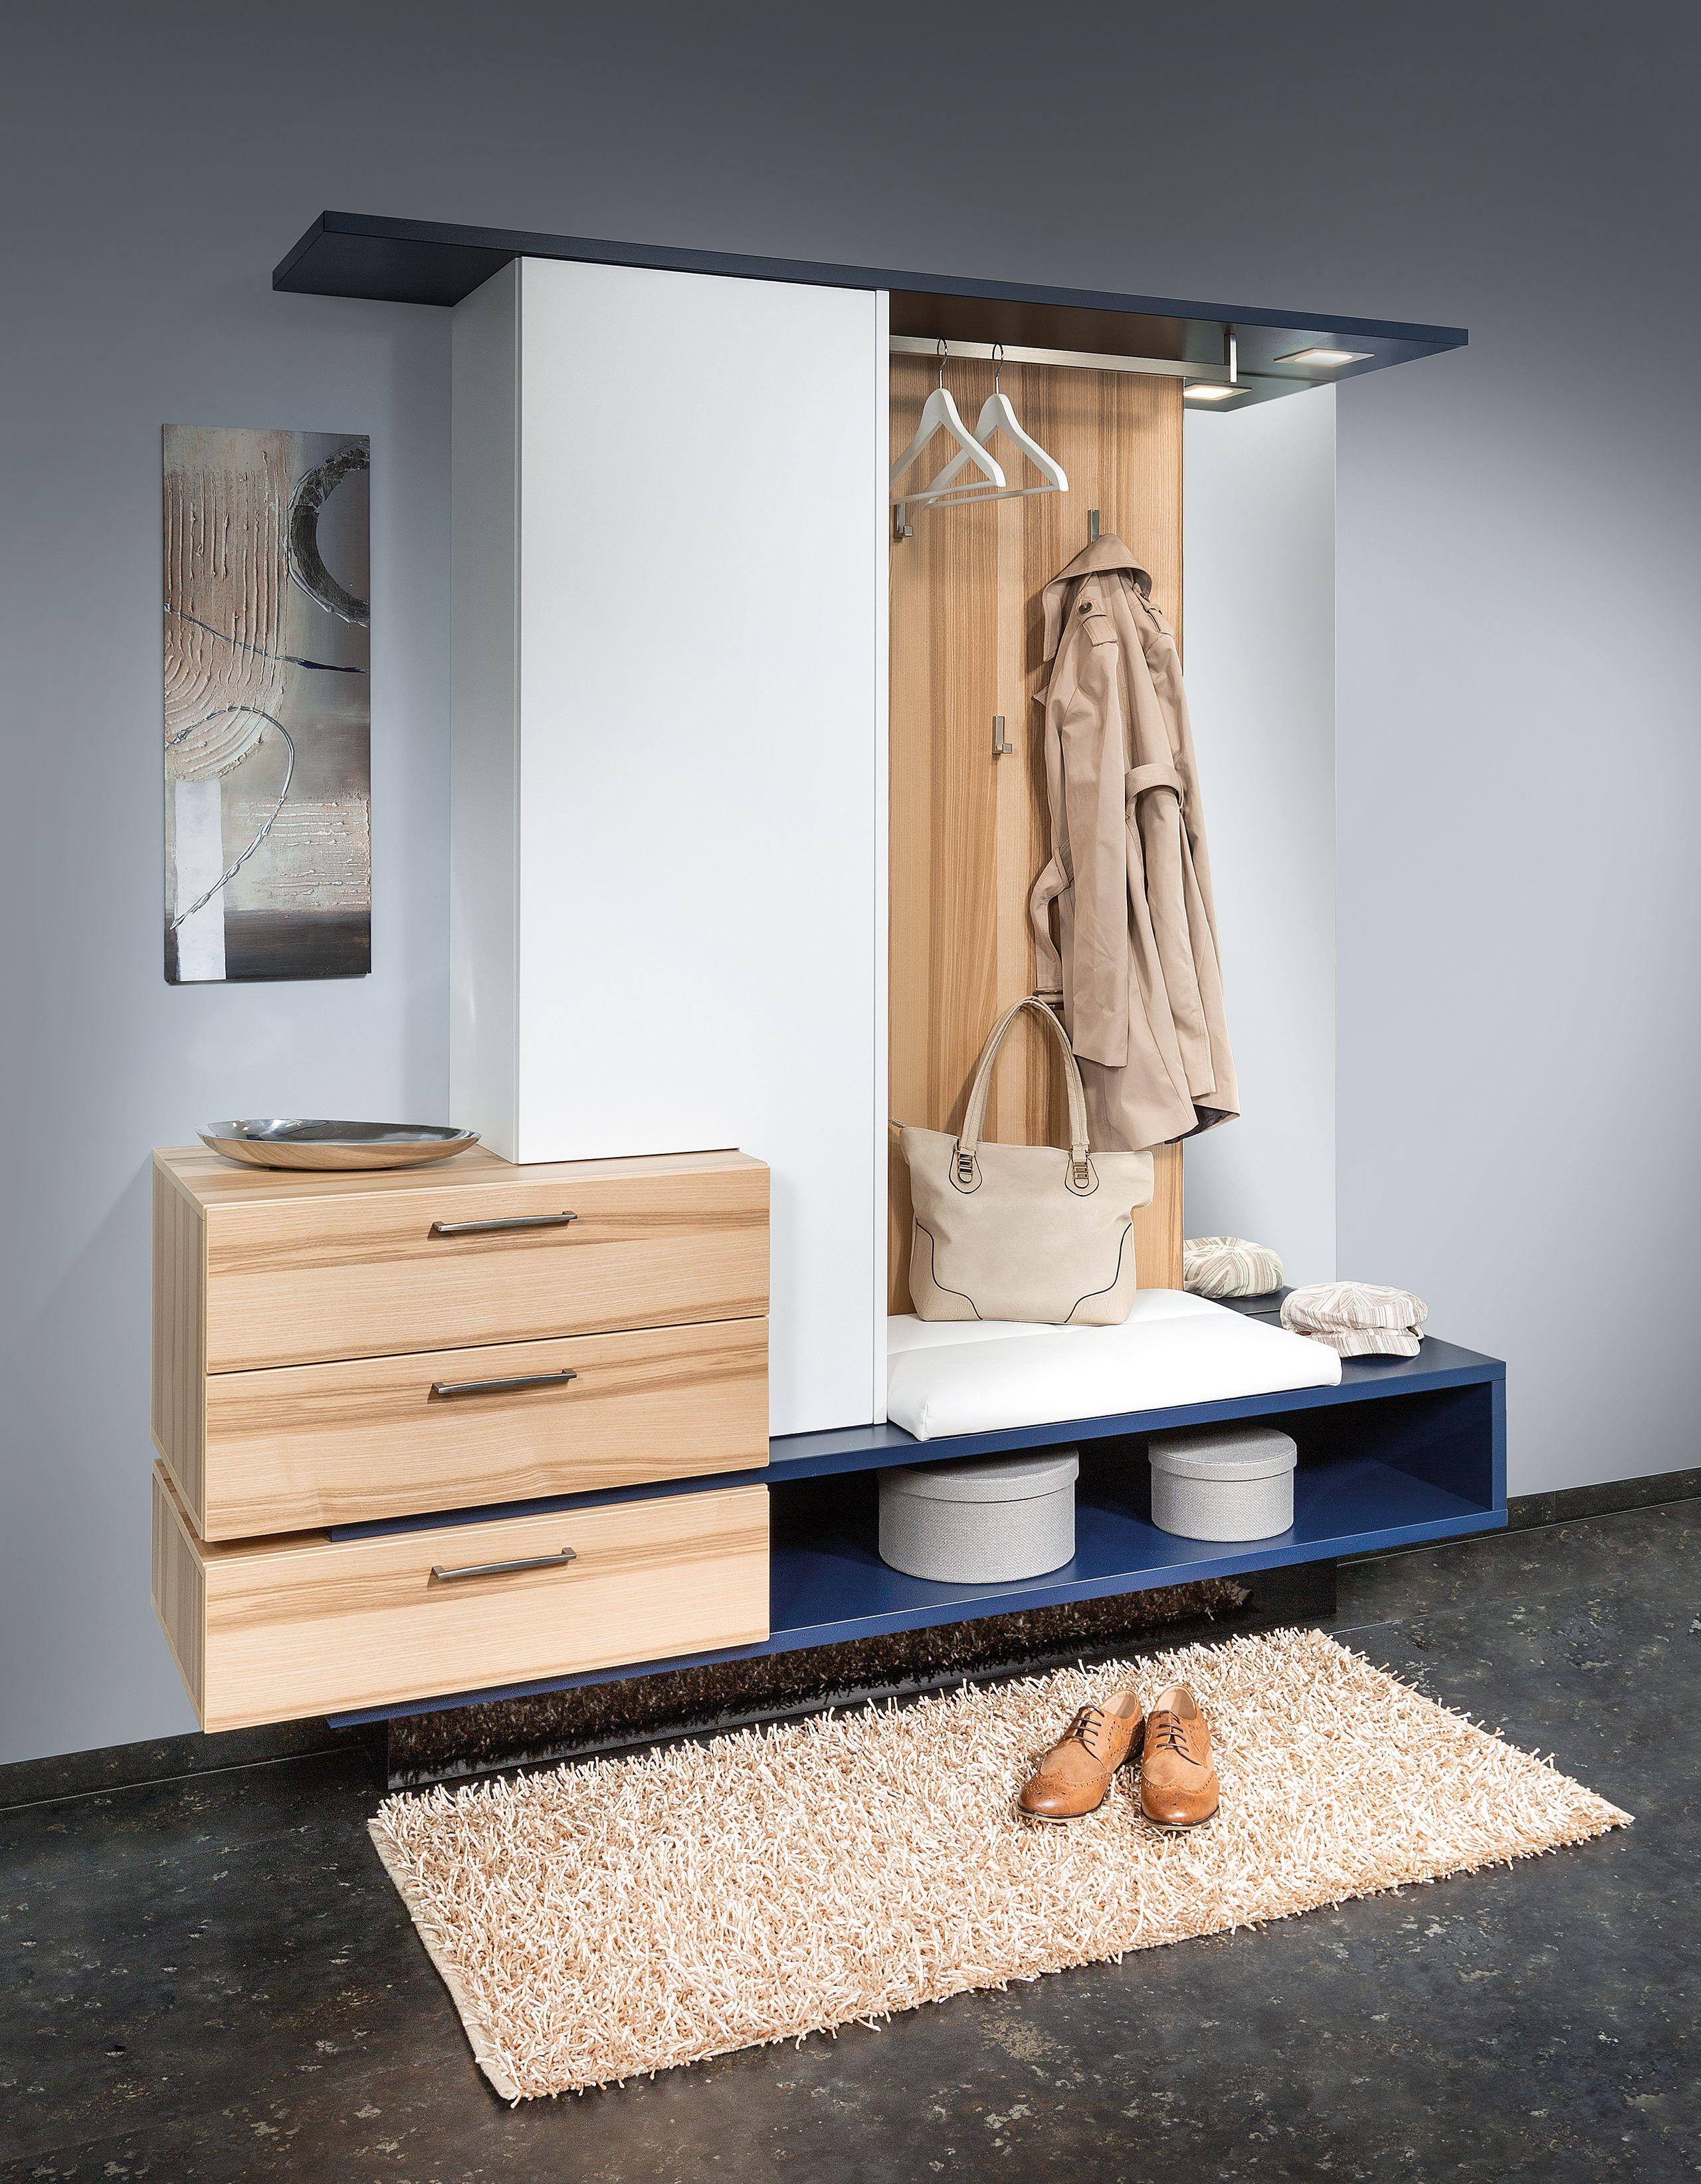 Mit Mass Zum Ziel Garderoben Eingangsbereich Kleine Badezimmer Vorzimmer